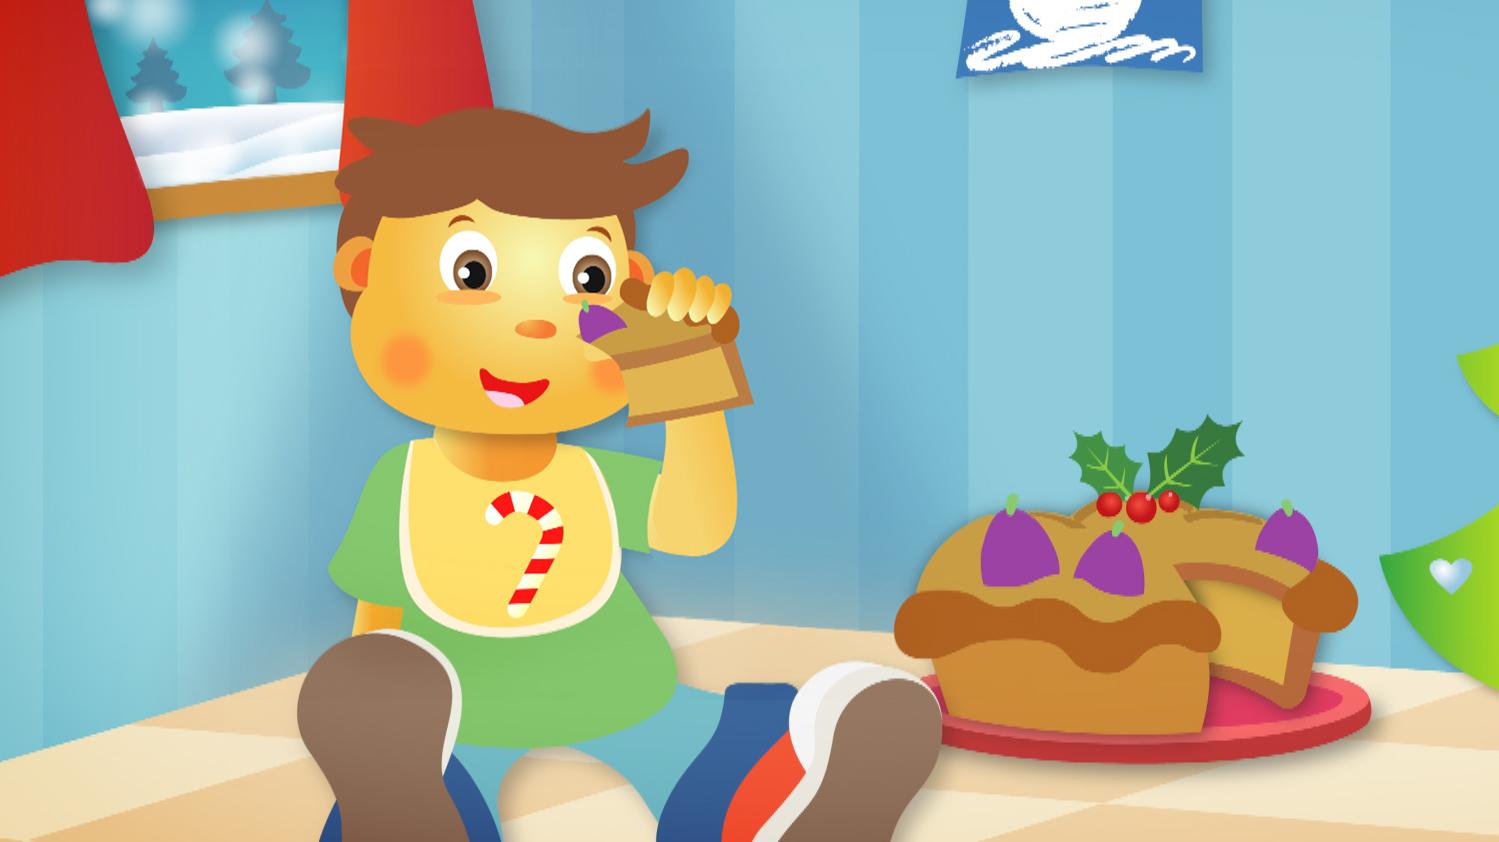 Little Jack Horner Cartoon Nursery Rhymes Mother